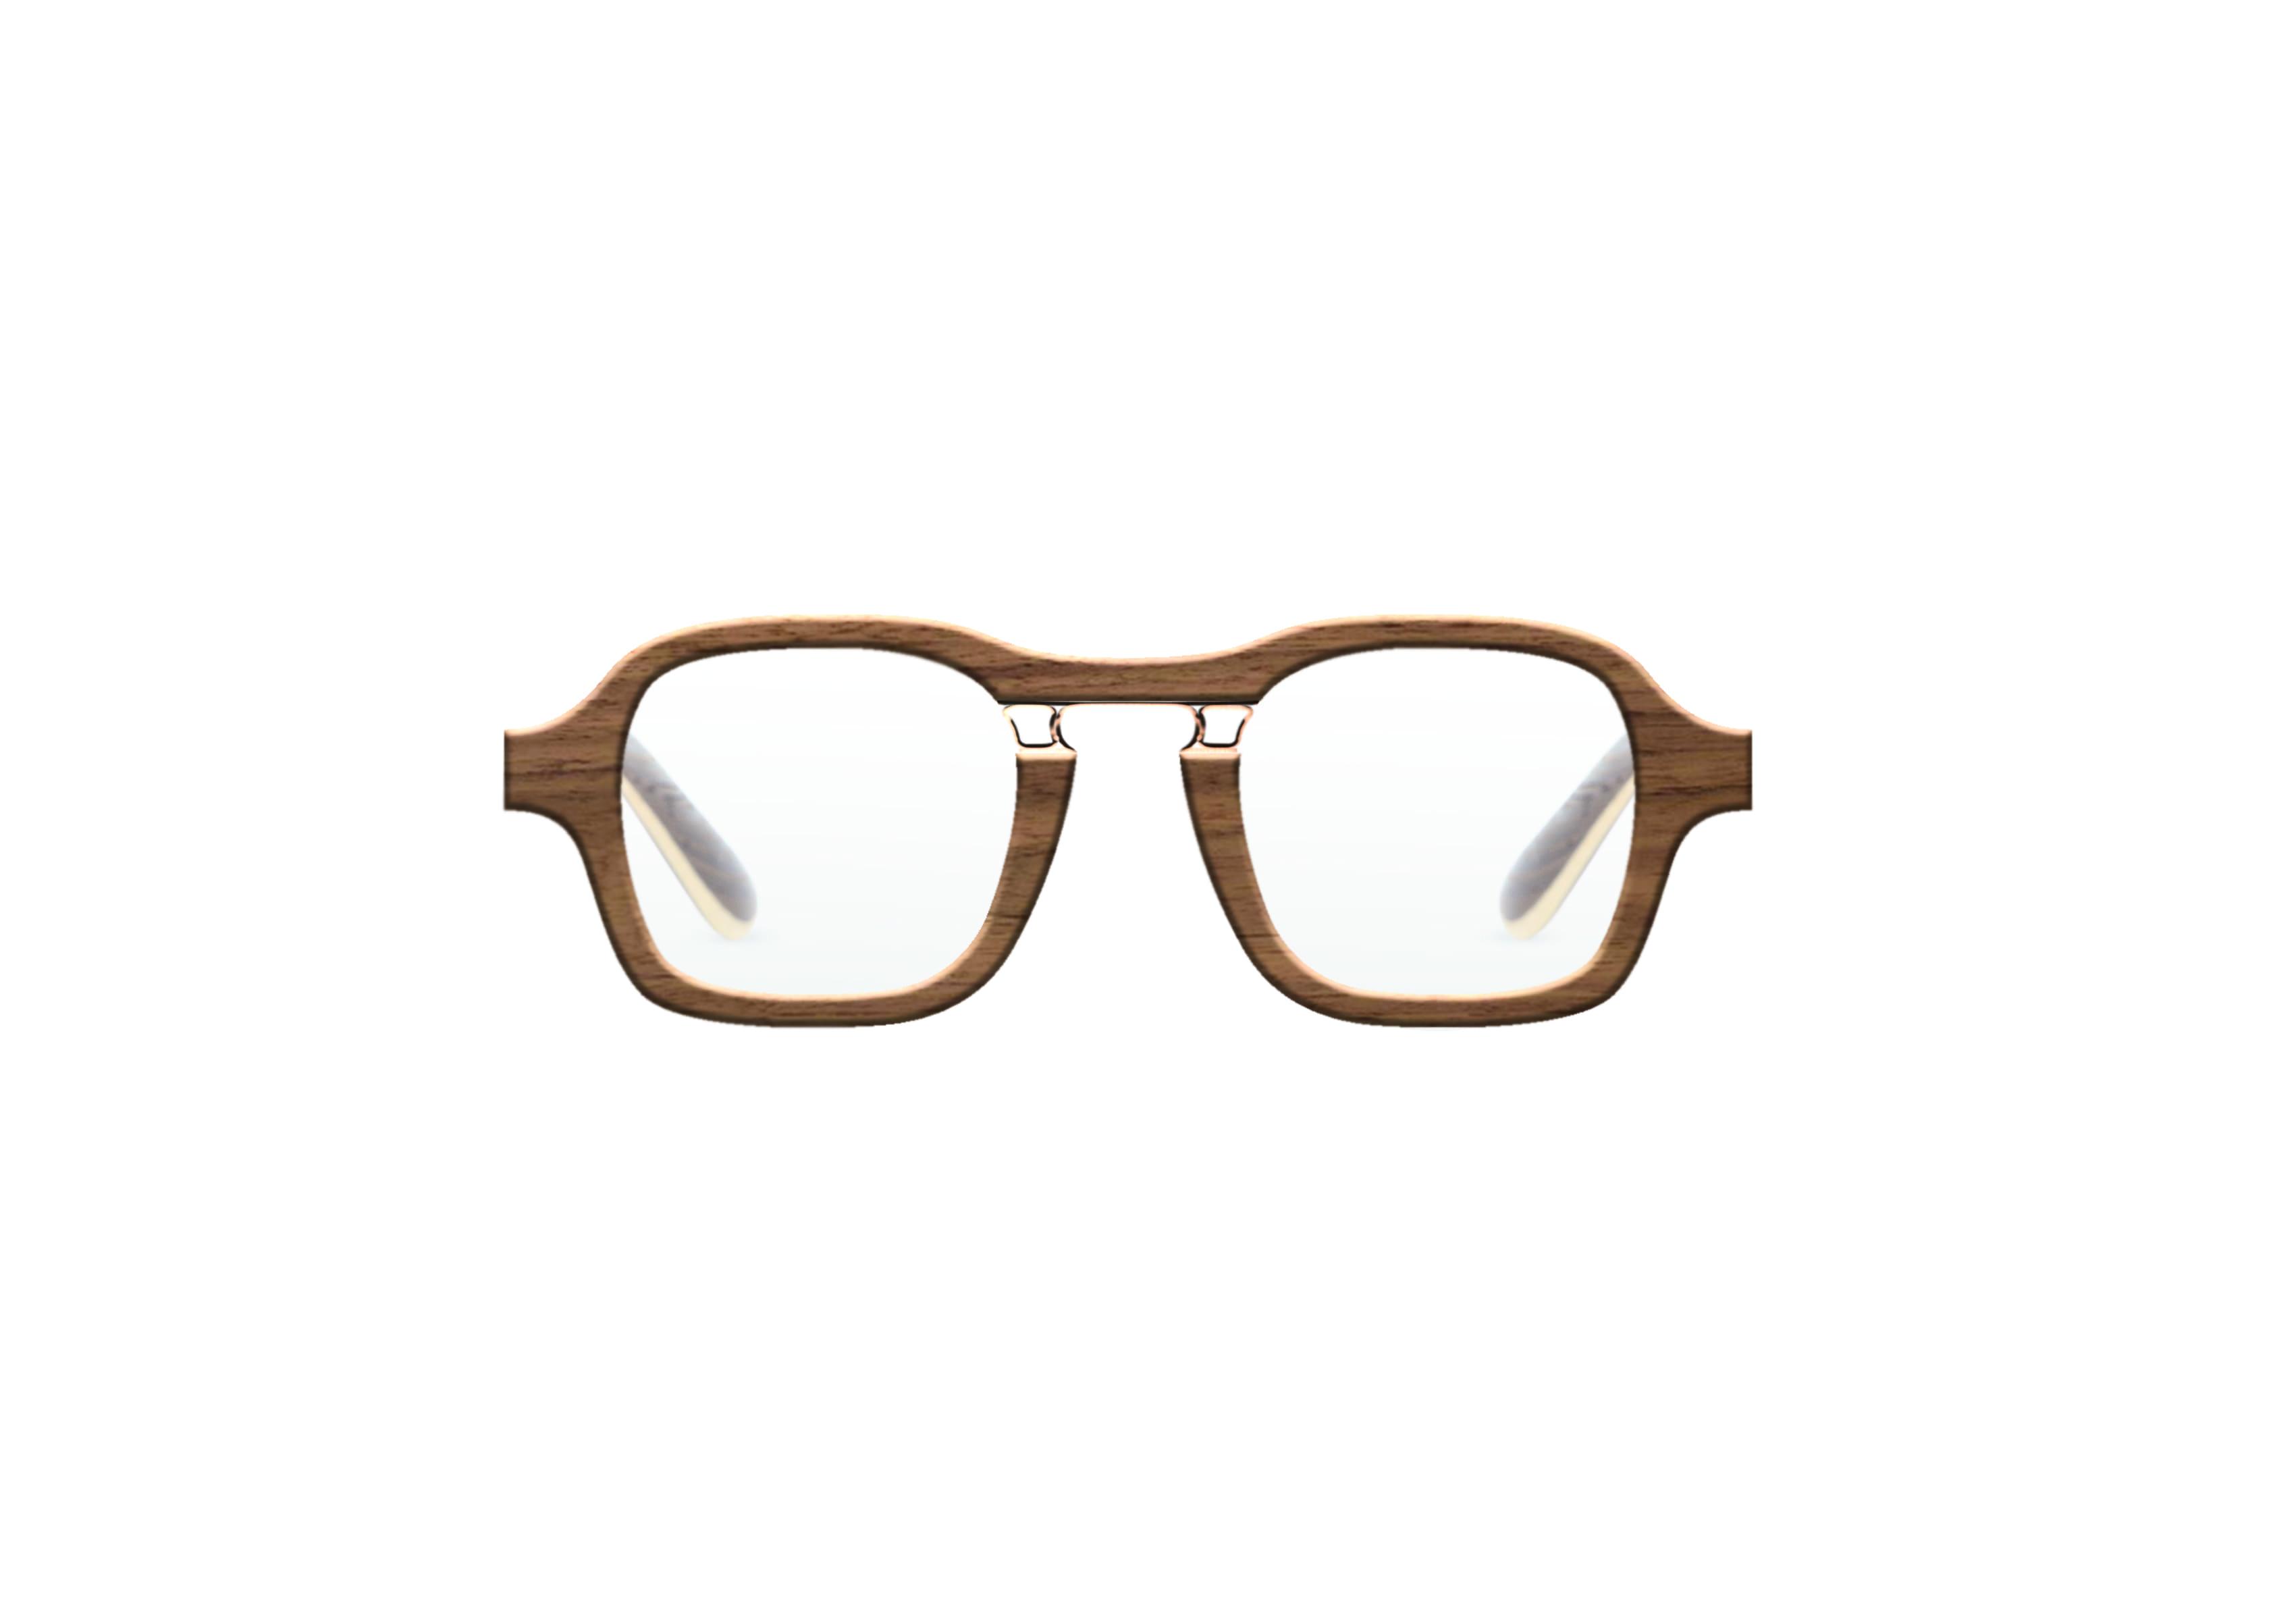 Autumn VAKAY handmade wooden eyewear